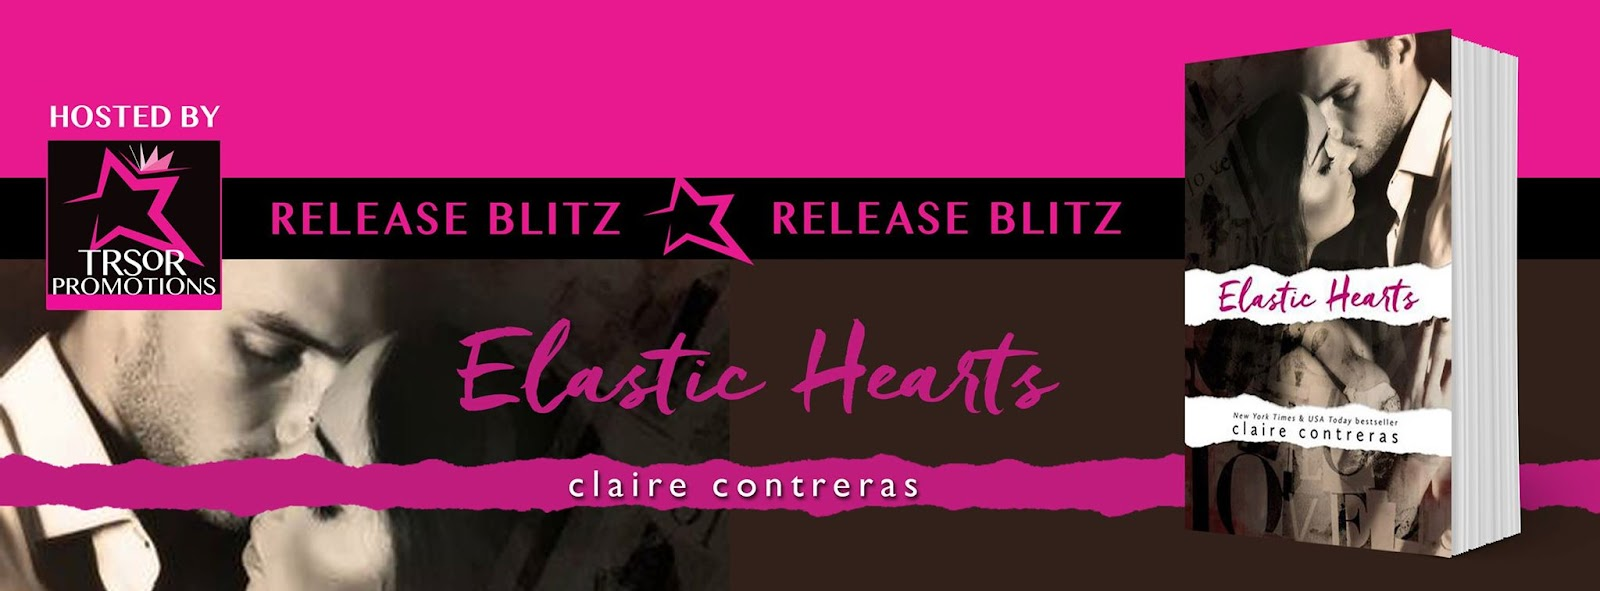 elastic hearts release bliitz.jpg